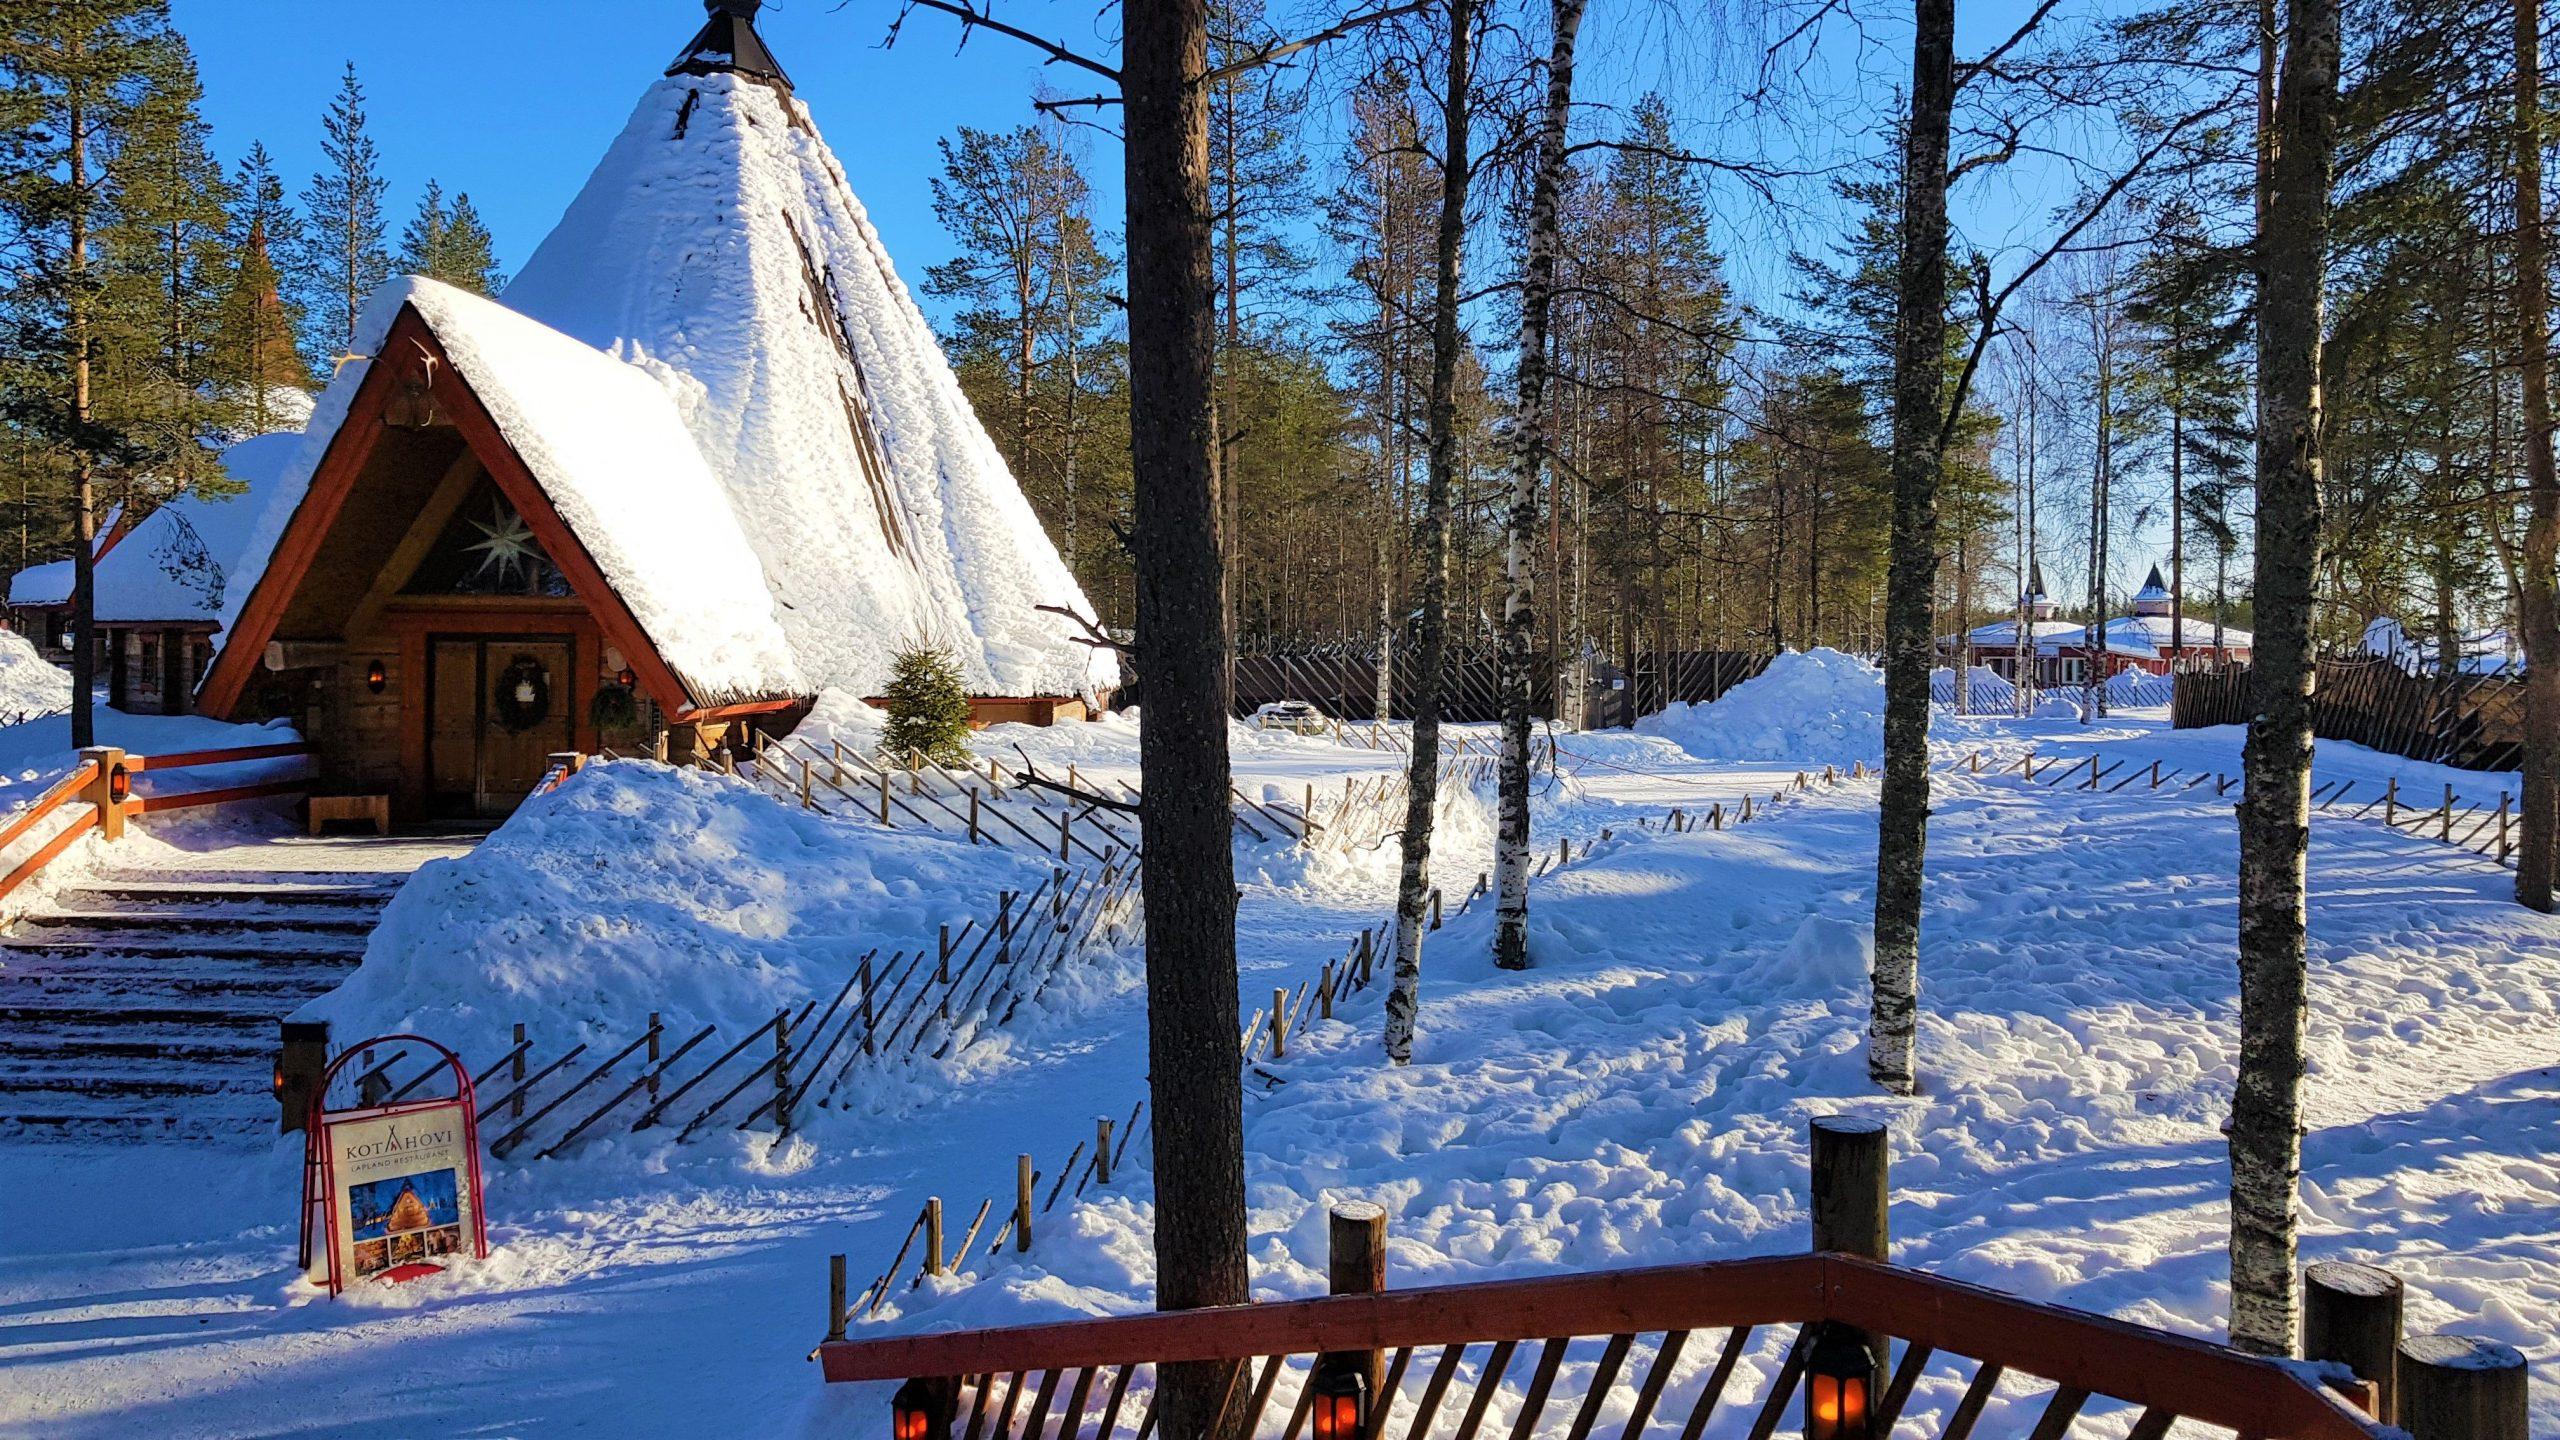 Cabaña nevada en la Villa de Santa Claus en Rovaniemi.